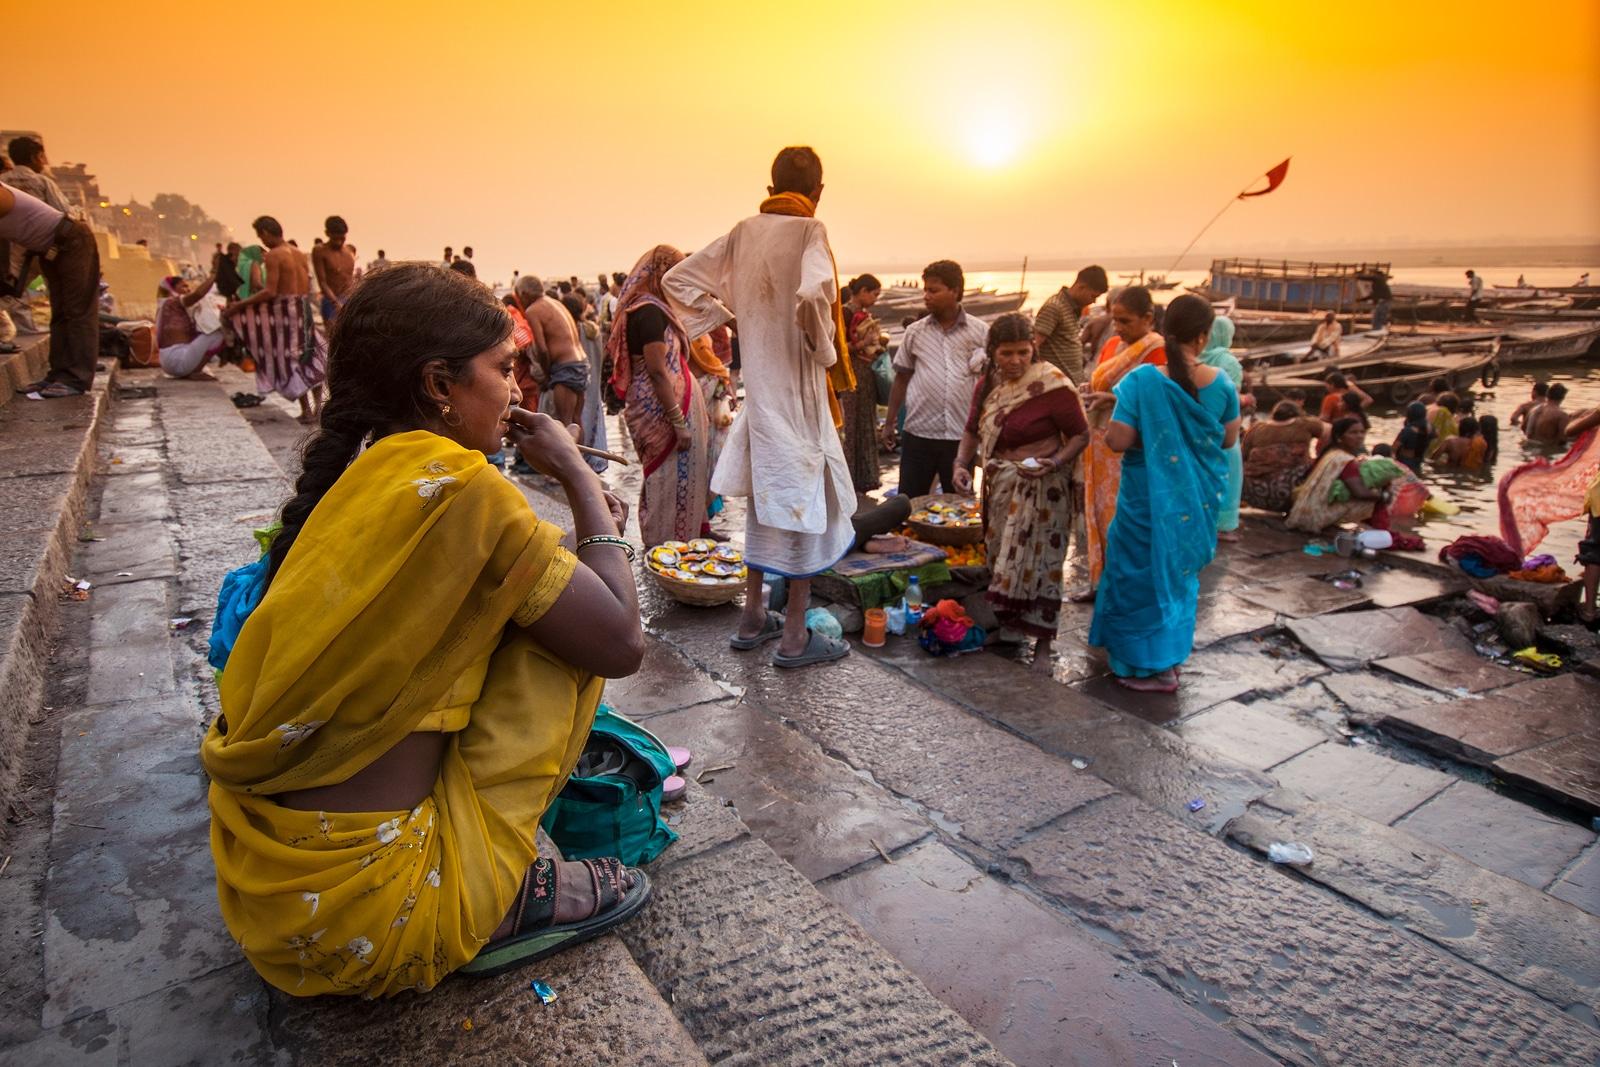 VARANASI, INDIA - 18 de abril de 2010. Grupo de indianos locais em sua rotina matinal, à beira do rio Ganga (o rio mais sagrado das culturas indiana e hindu).